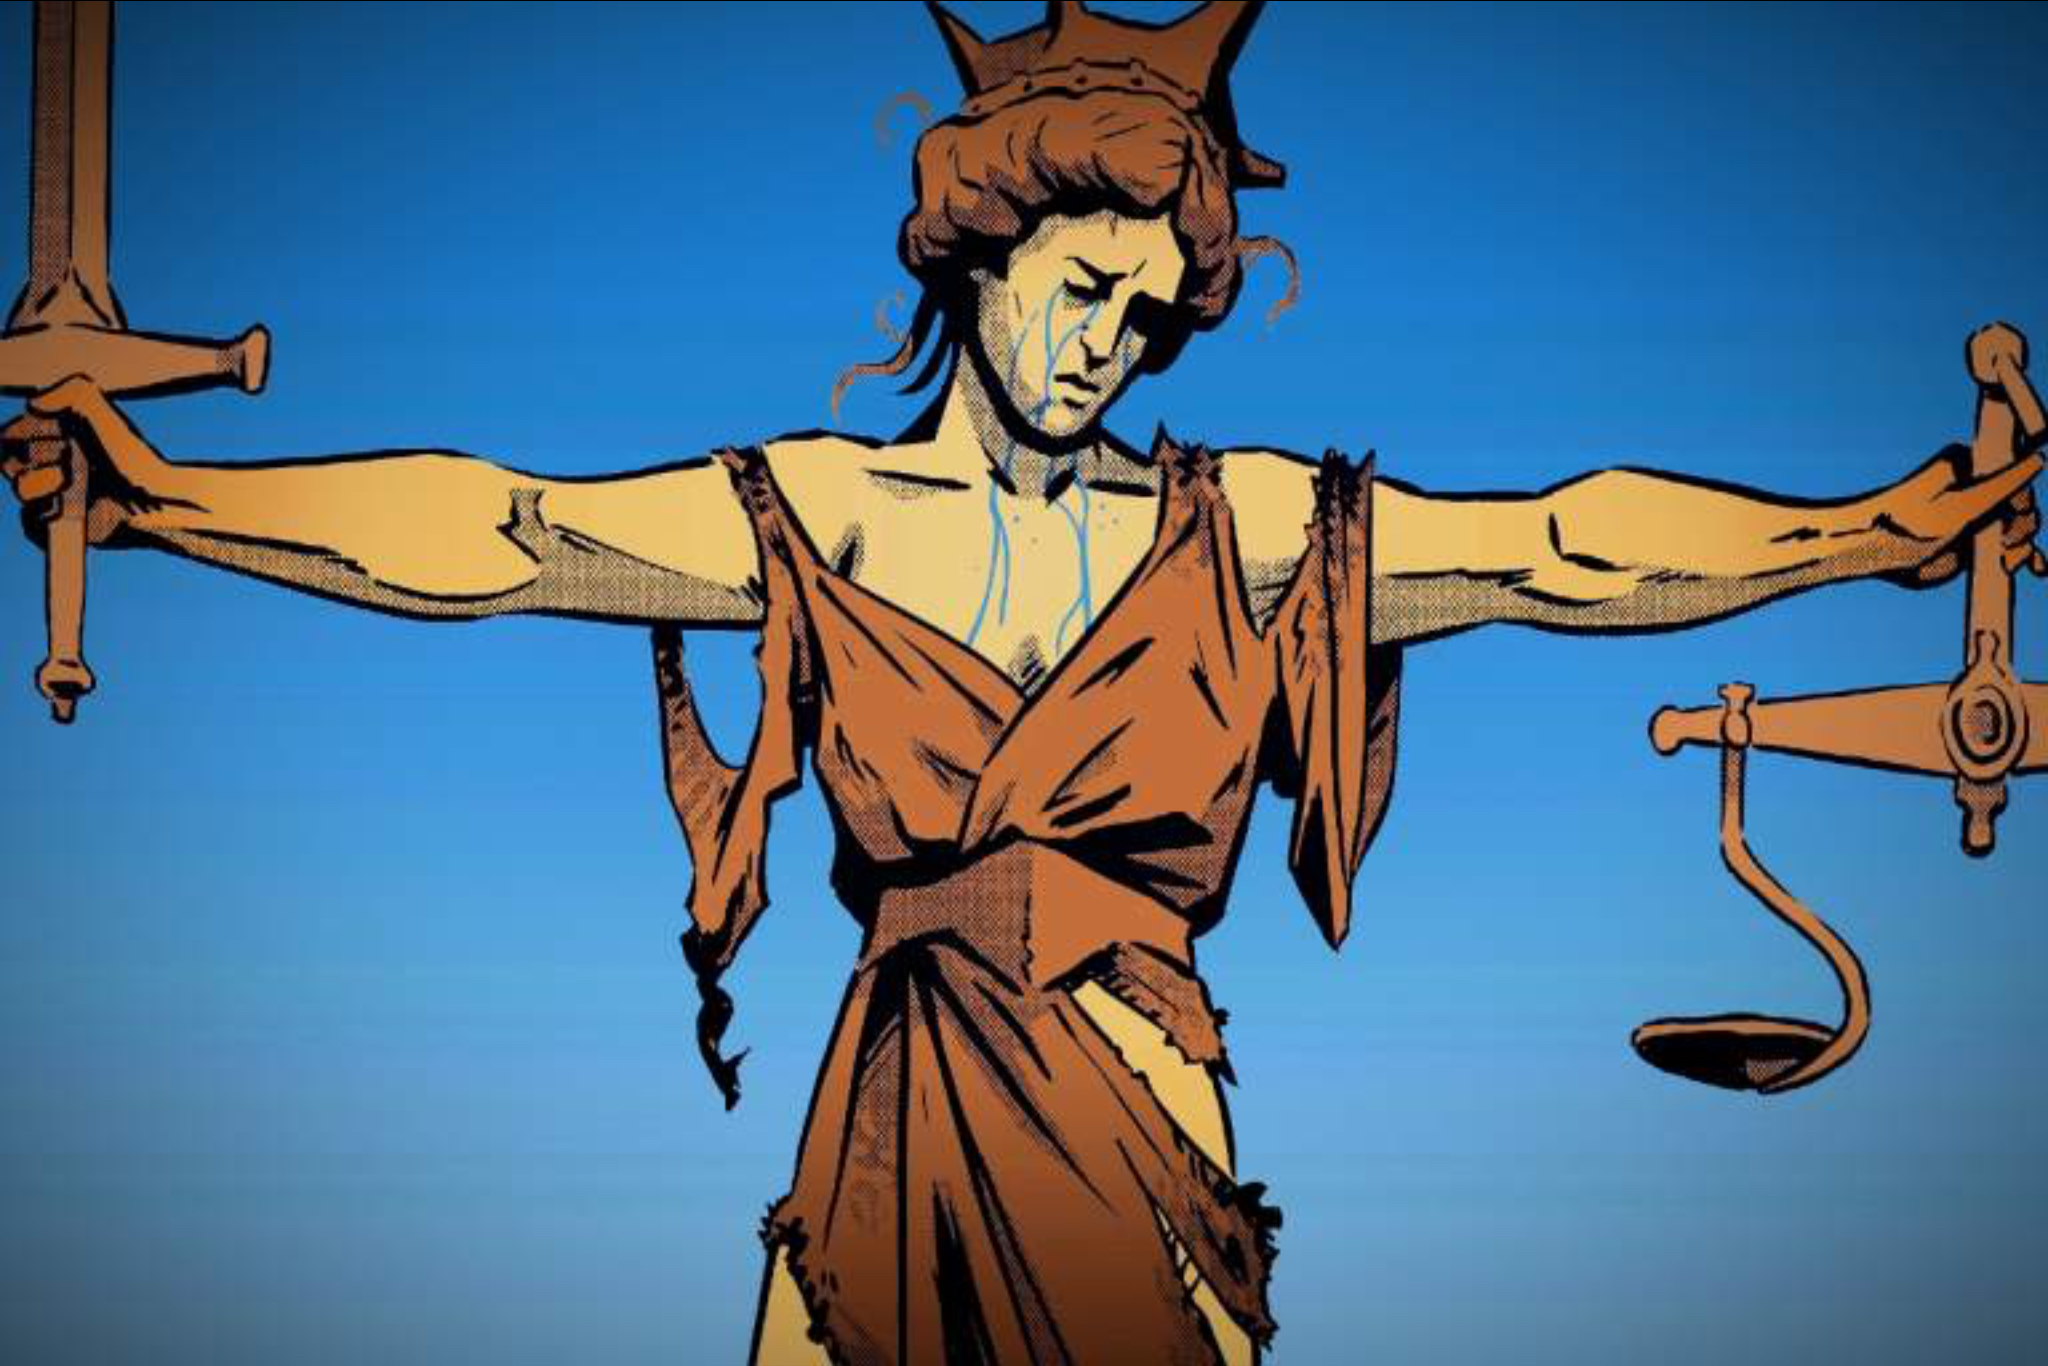 ΑΠΟΚΑΛΥΨΕΙΣ: Παρέμβαση ΝΔ στον ανακριτή που έχει την υπόθεση Λοβέρδου – Παρέμβαση υπουργού δικαιοσύνης Κώστα Τσιάρα να κλείσει η Novartis